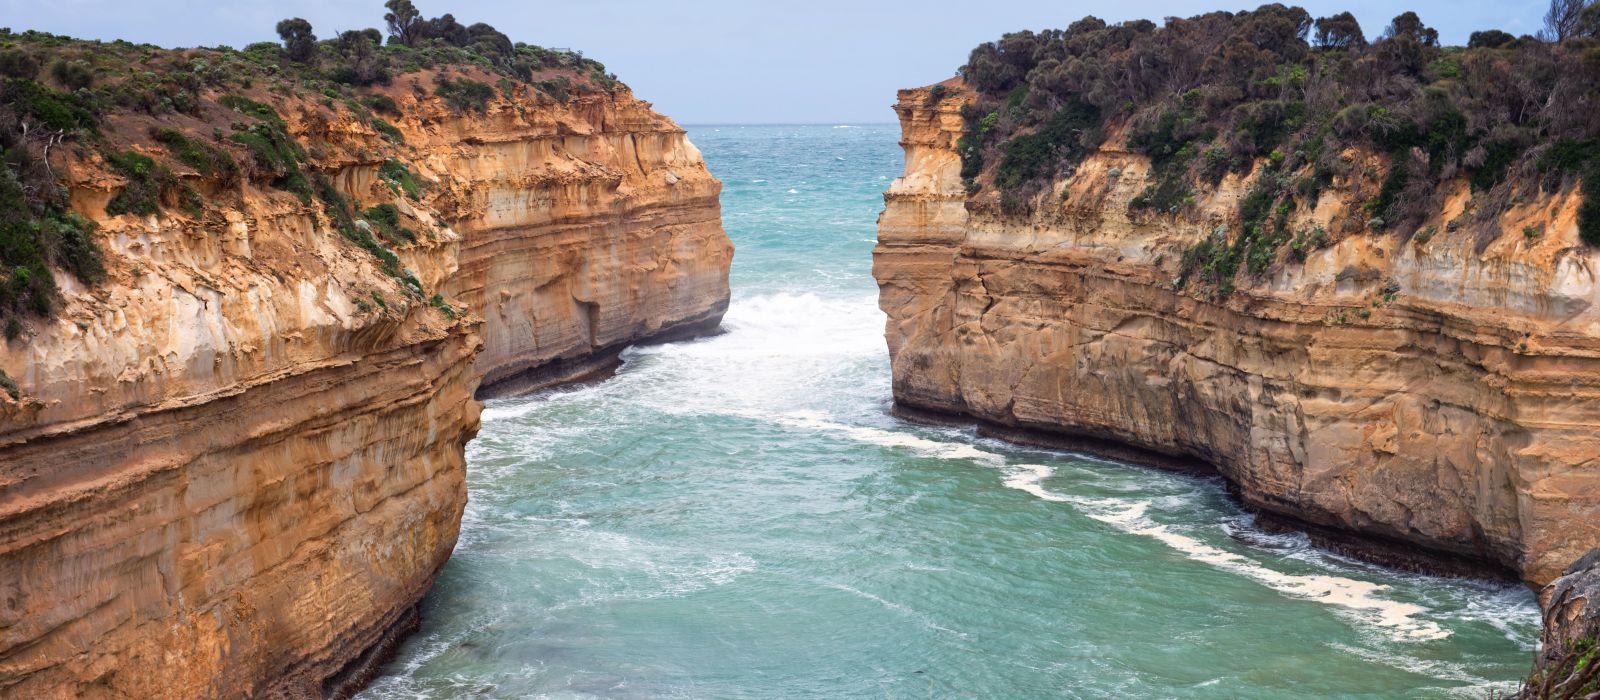 Destination Robe Australia